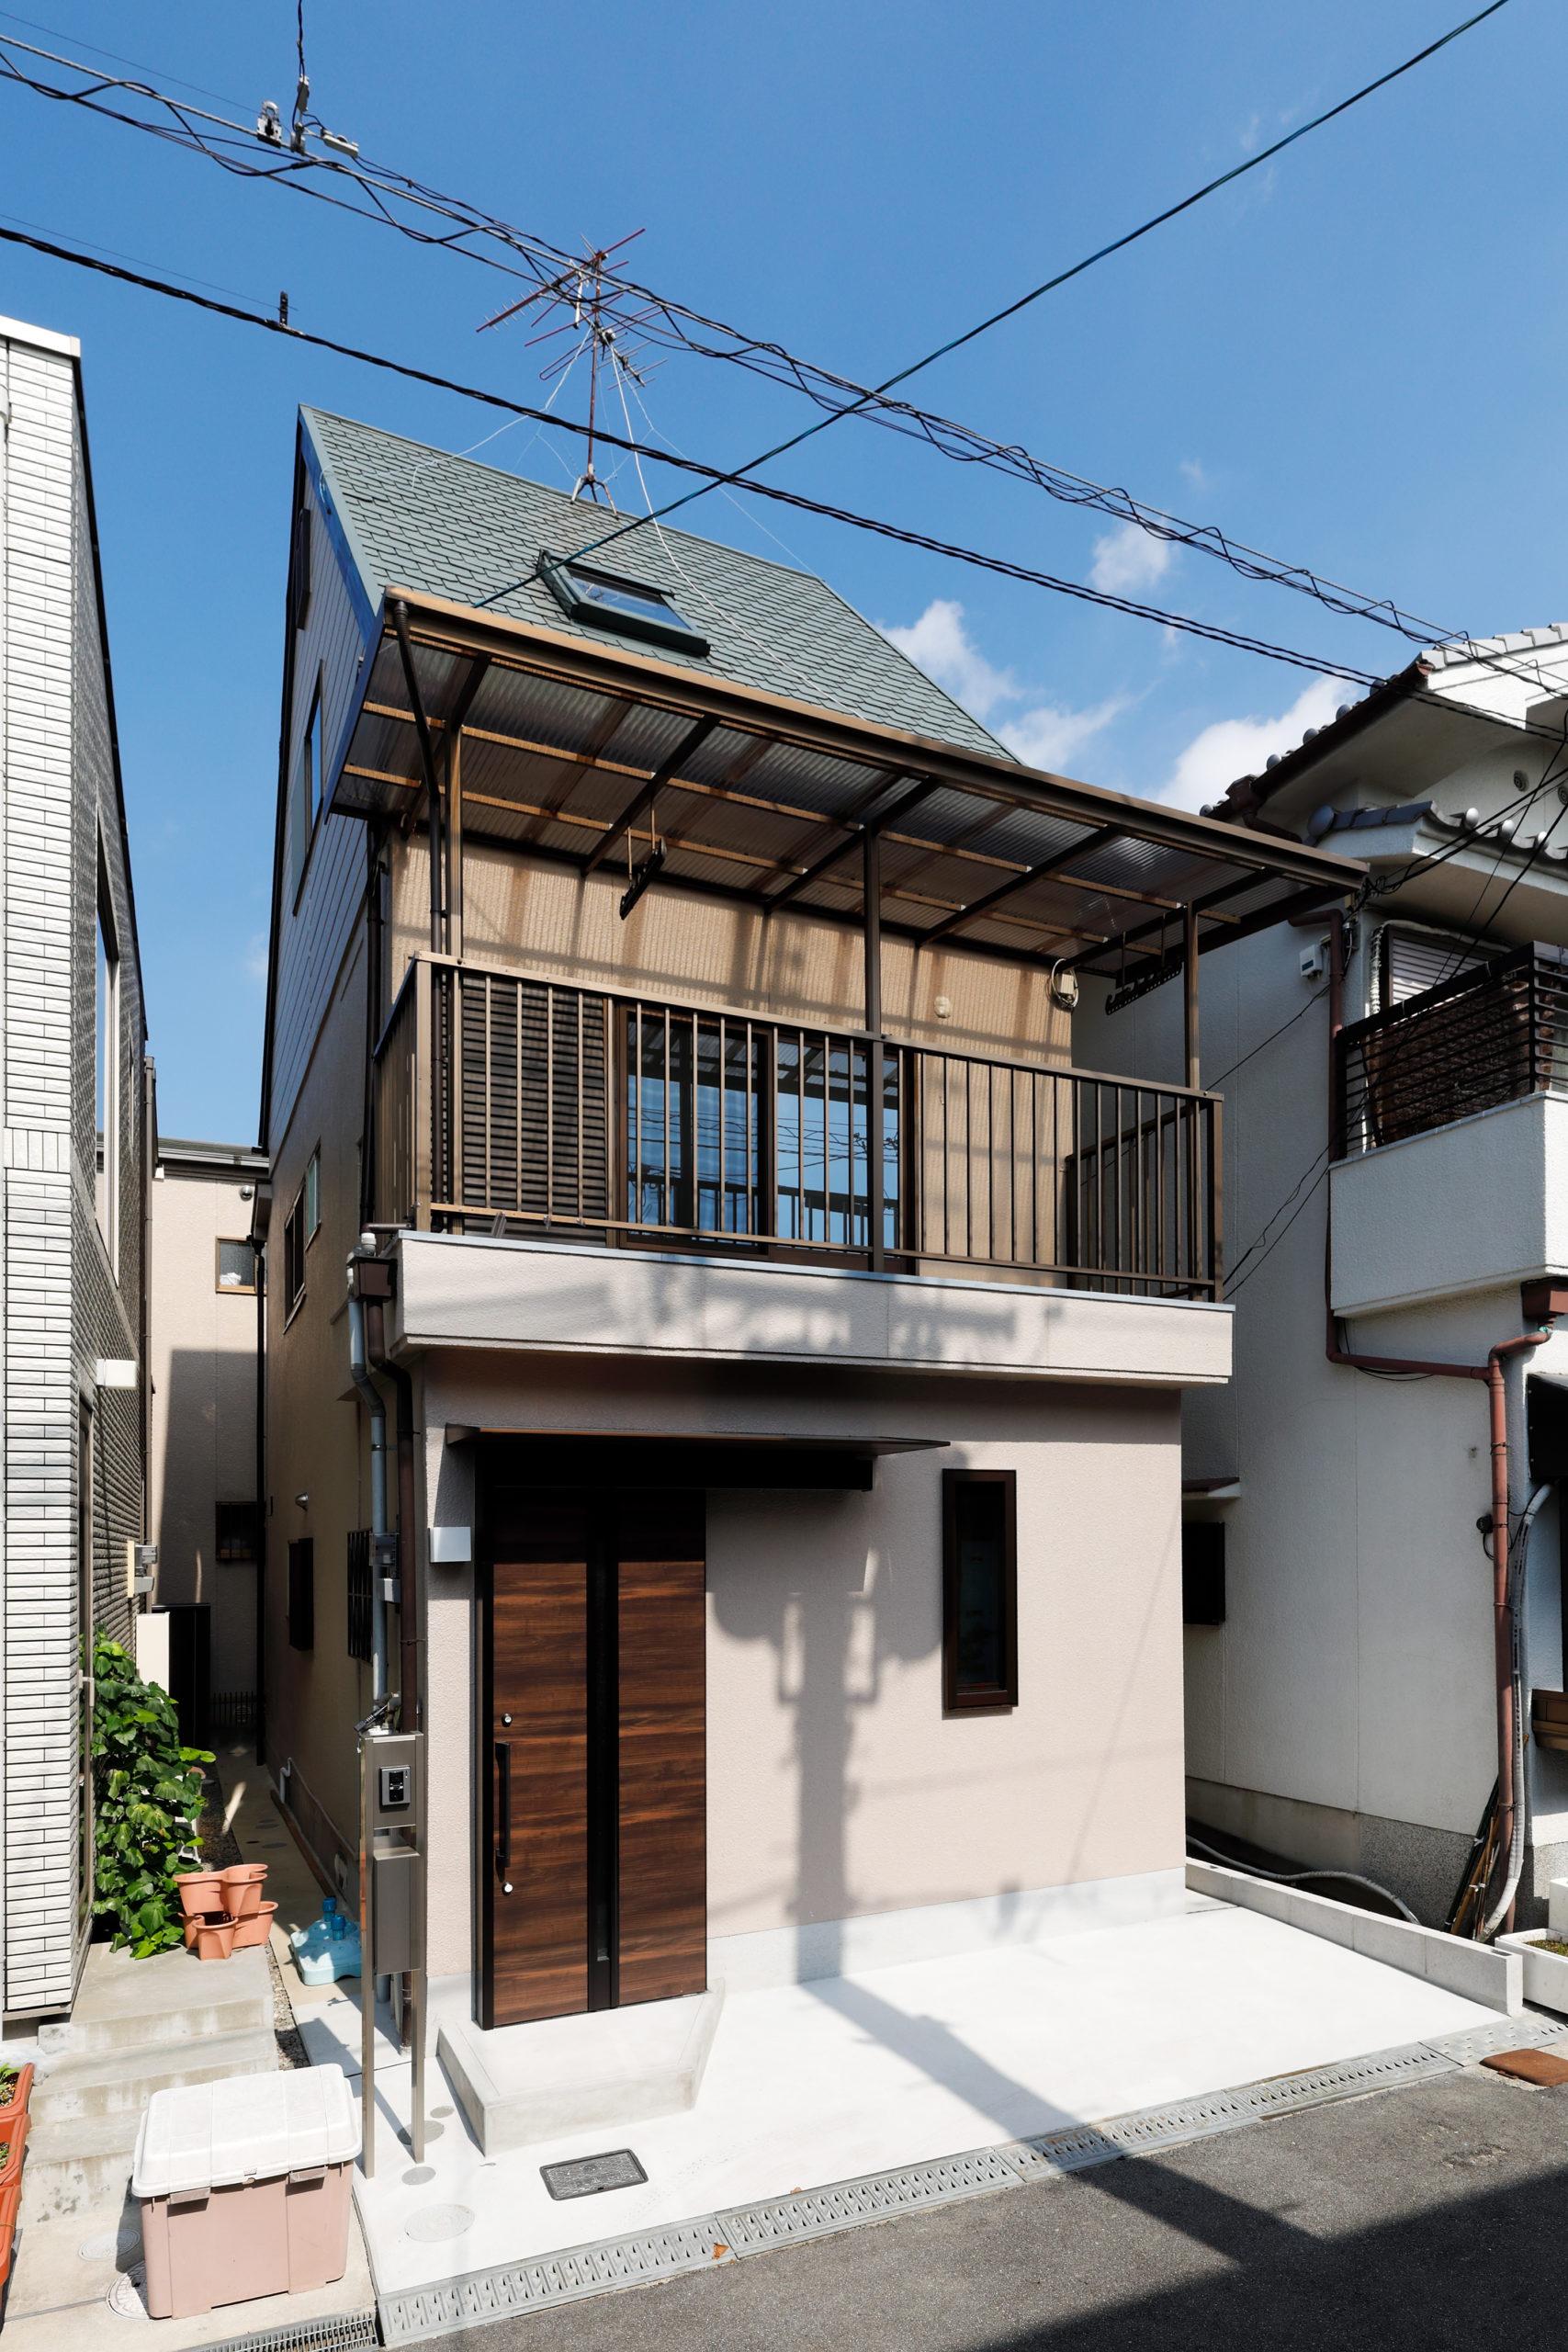 イズホーム戸建てリノベーション築48年モデルハウス 大阪府堺市中区エリア